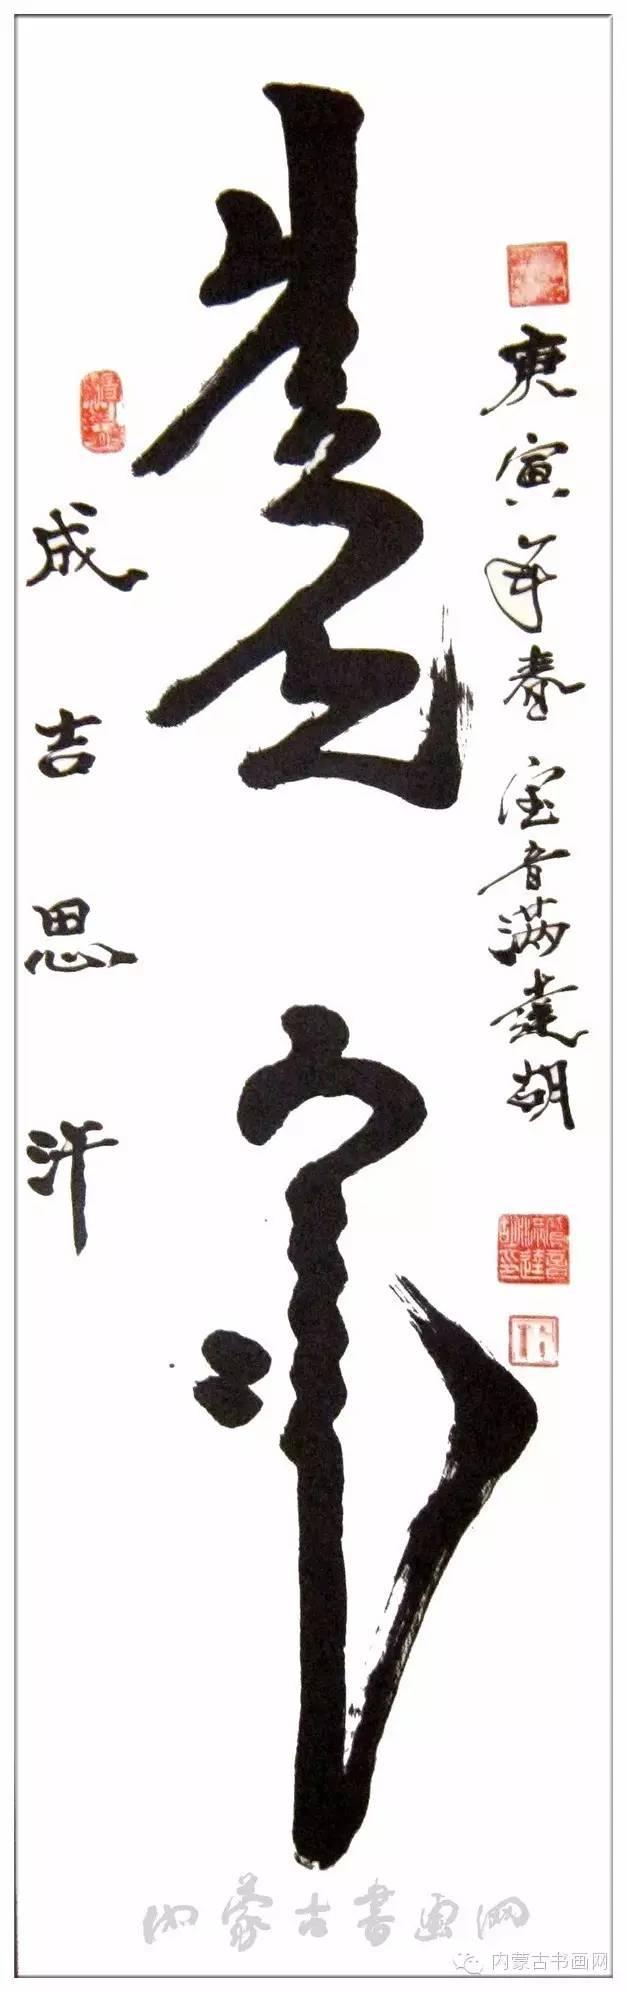 内蒙古书画网|宝音满达胡 第3张 内蒙古书画网|宝音满达胡 蒙古书法